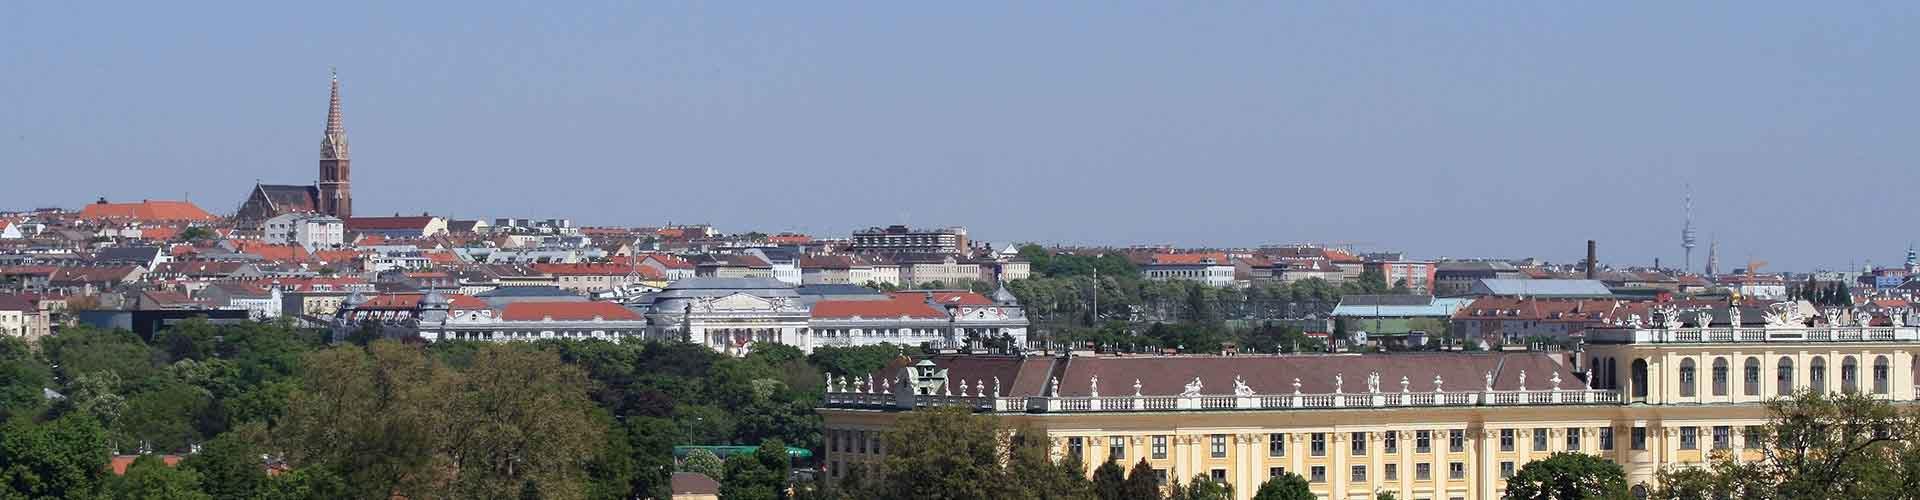 Wien – Huoneet kaupungiosassa Rudolfsheim-Fuenfhaus. Wien -karttoja, valokuvia ja arvosteluja kaikista Wien -huoneista.